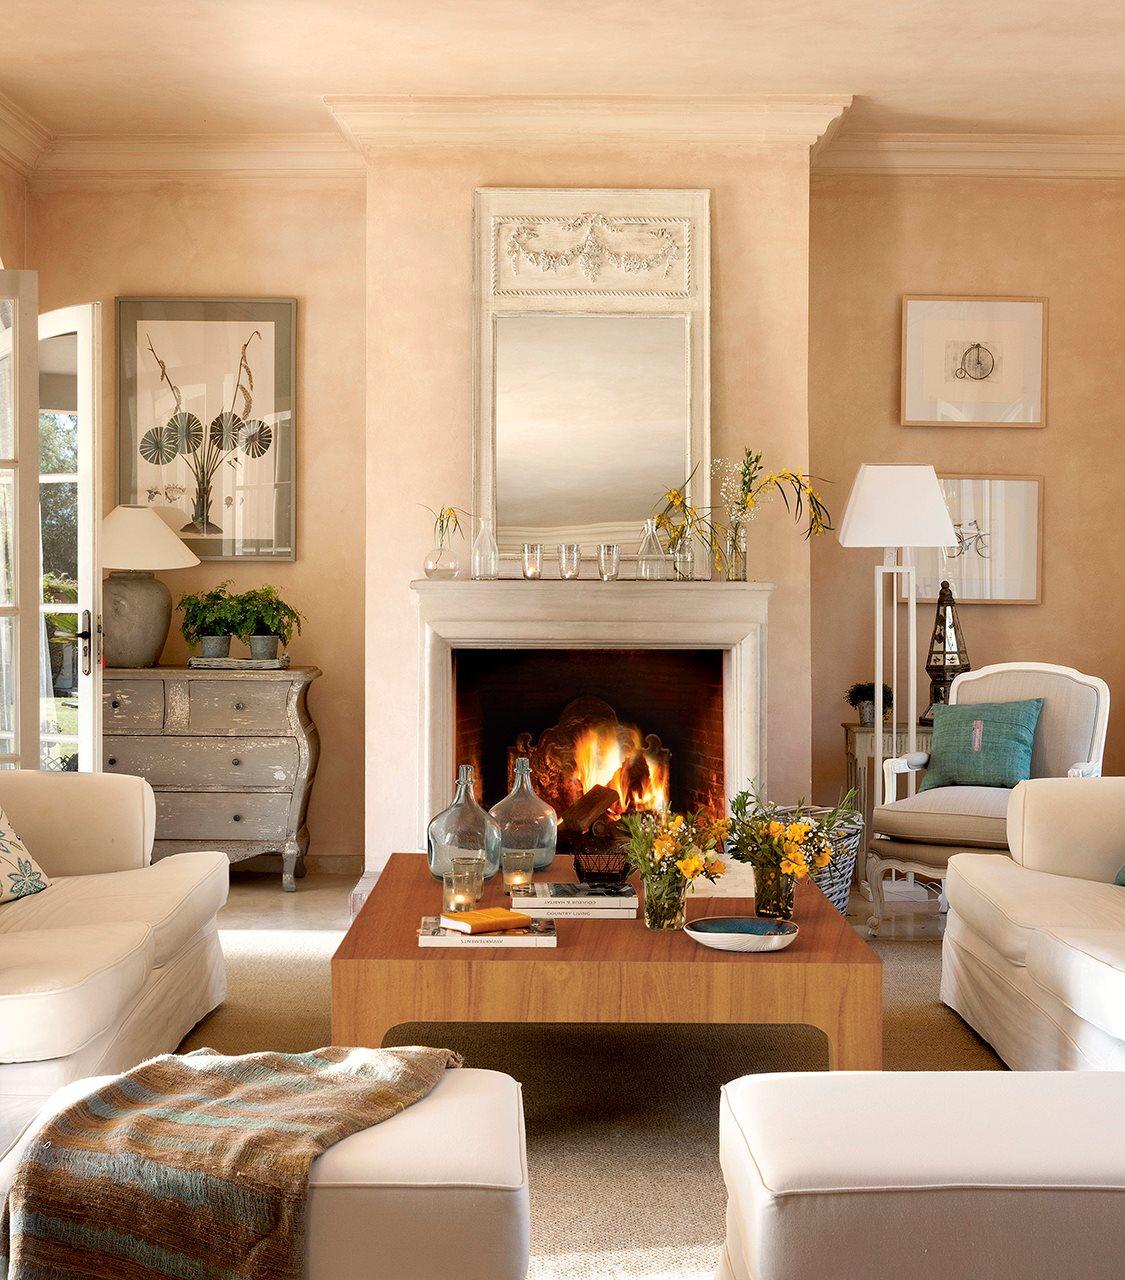 C mo decorar con cuadros y acertar - Decorar salones con chimenea ...